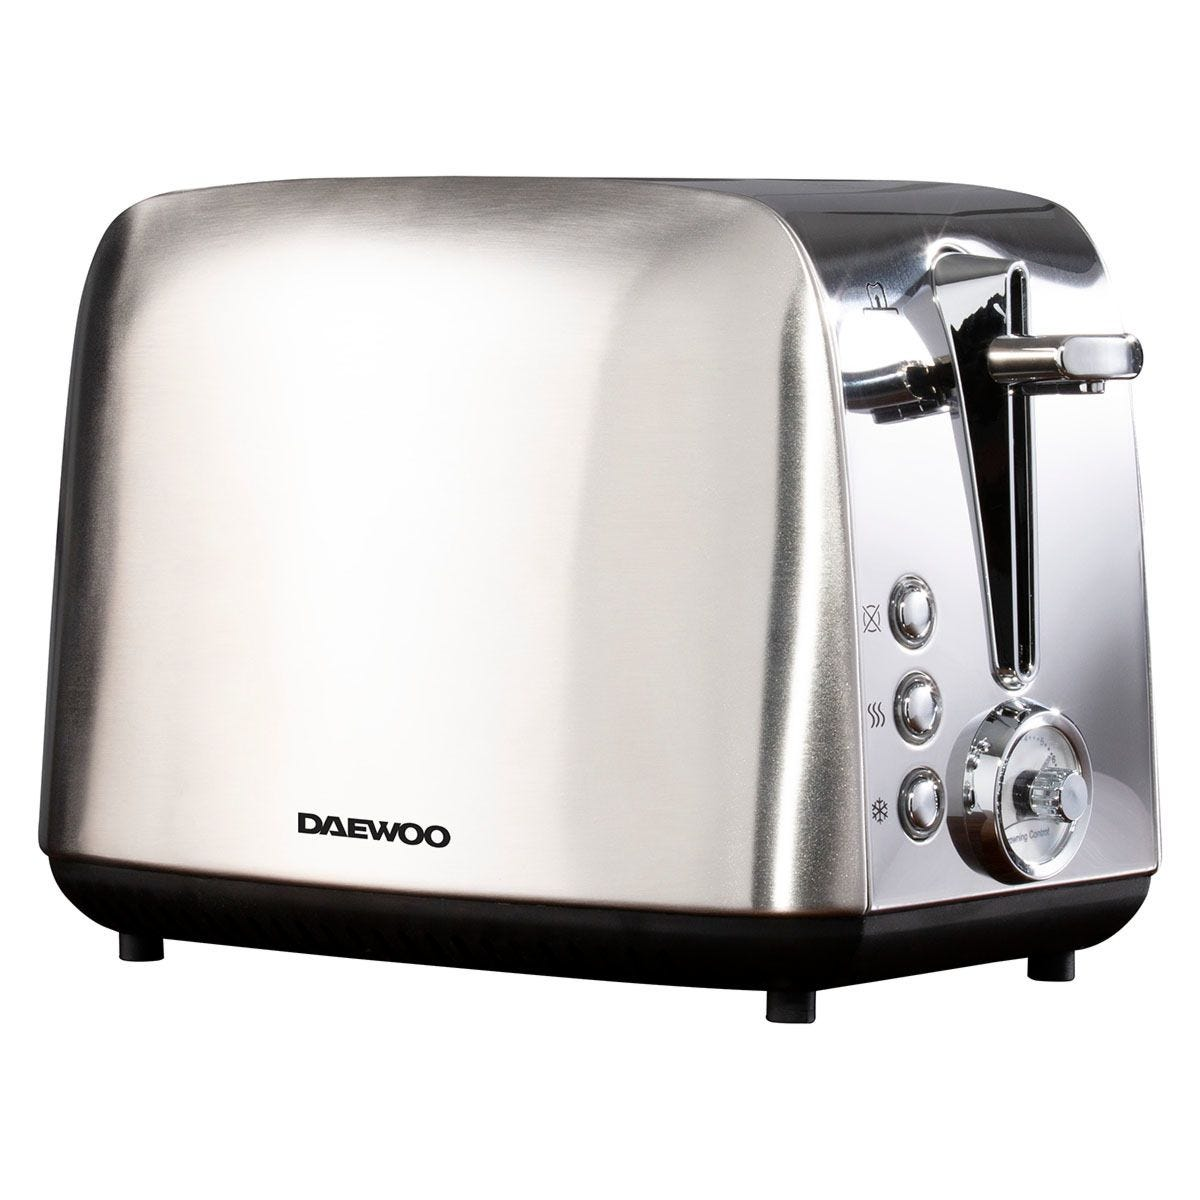 Daewoo Kingsbury 2-Slice Dial Toaster - Stainless Steel